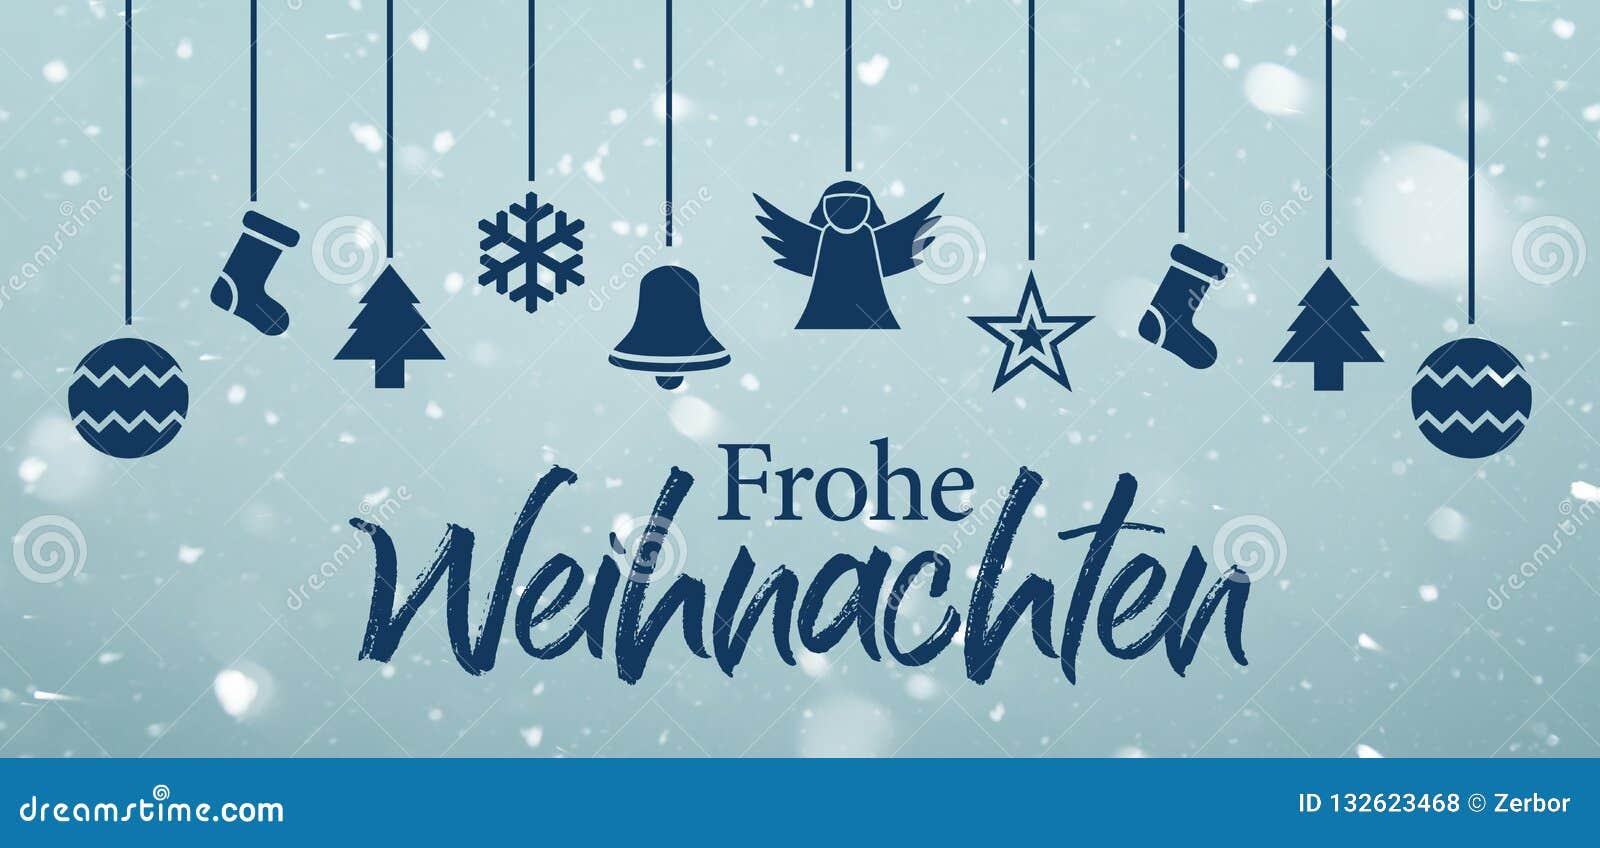 Frohe Weihnachten Frohe Weihnachten Auf Deutsch Stock